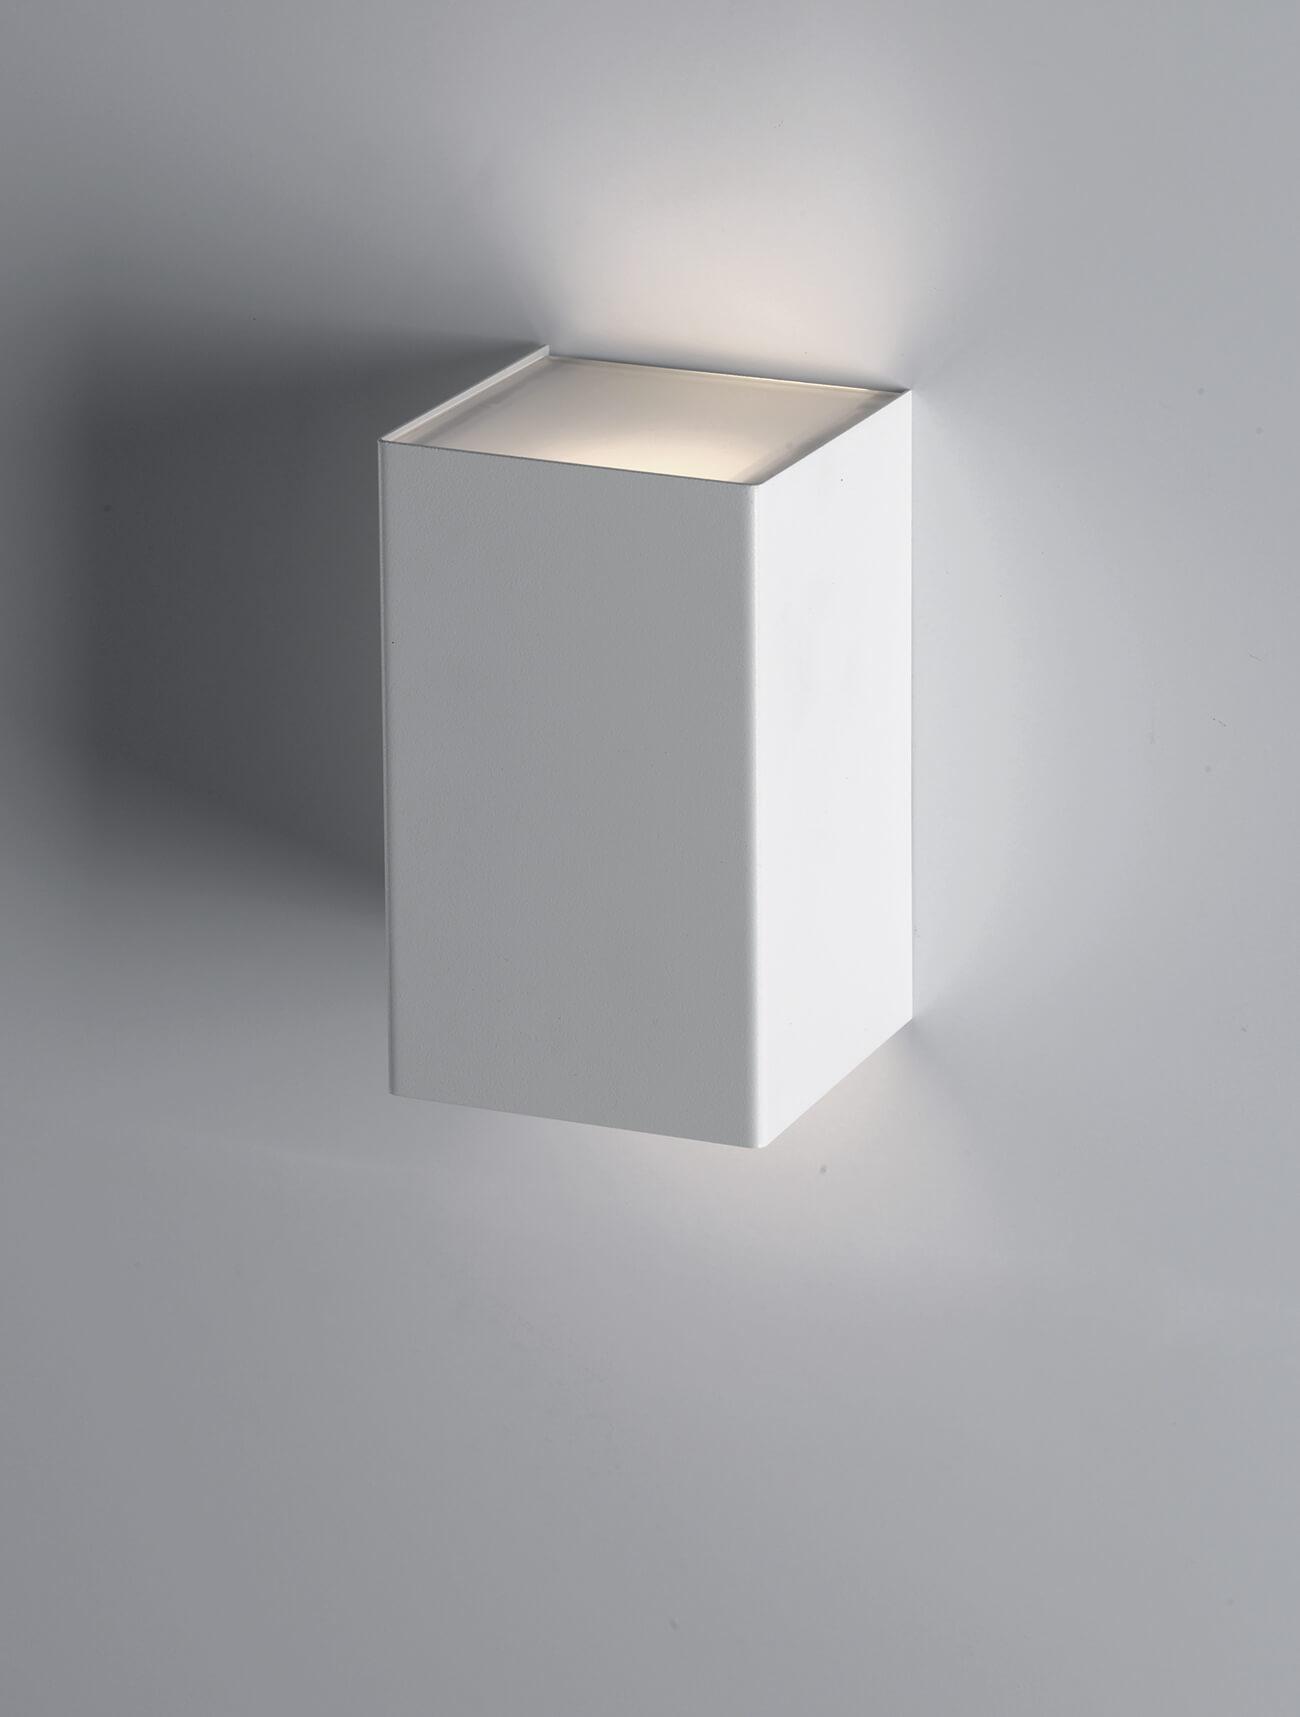 cubick-bi-still-life